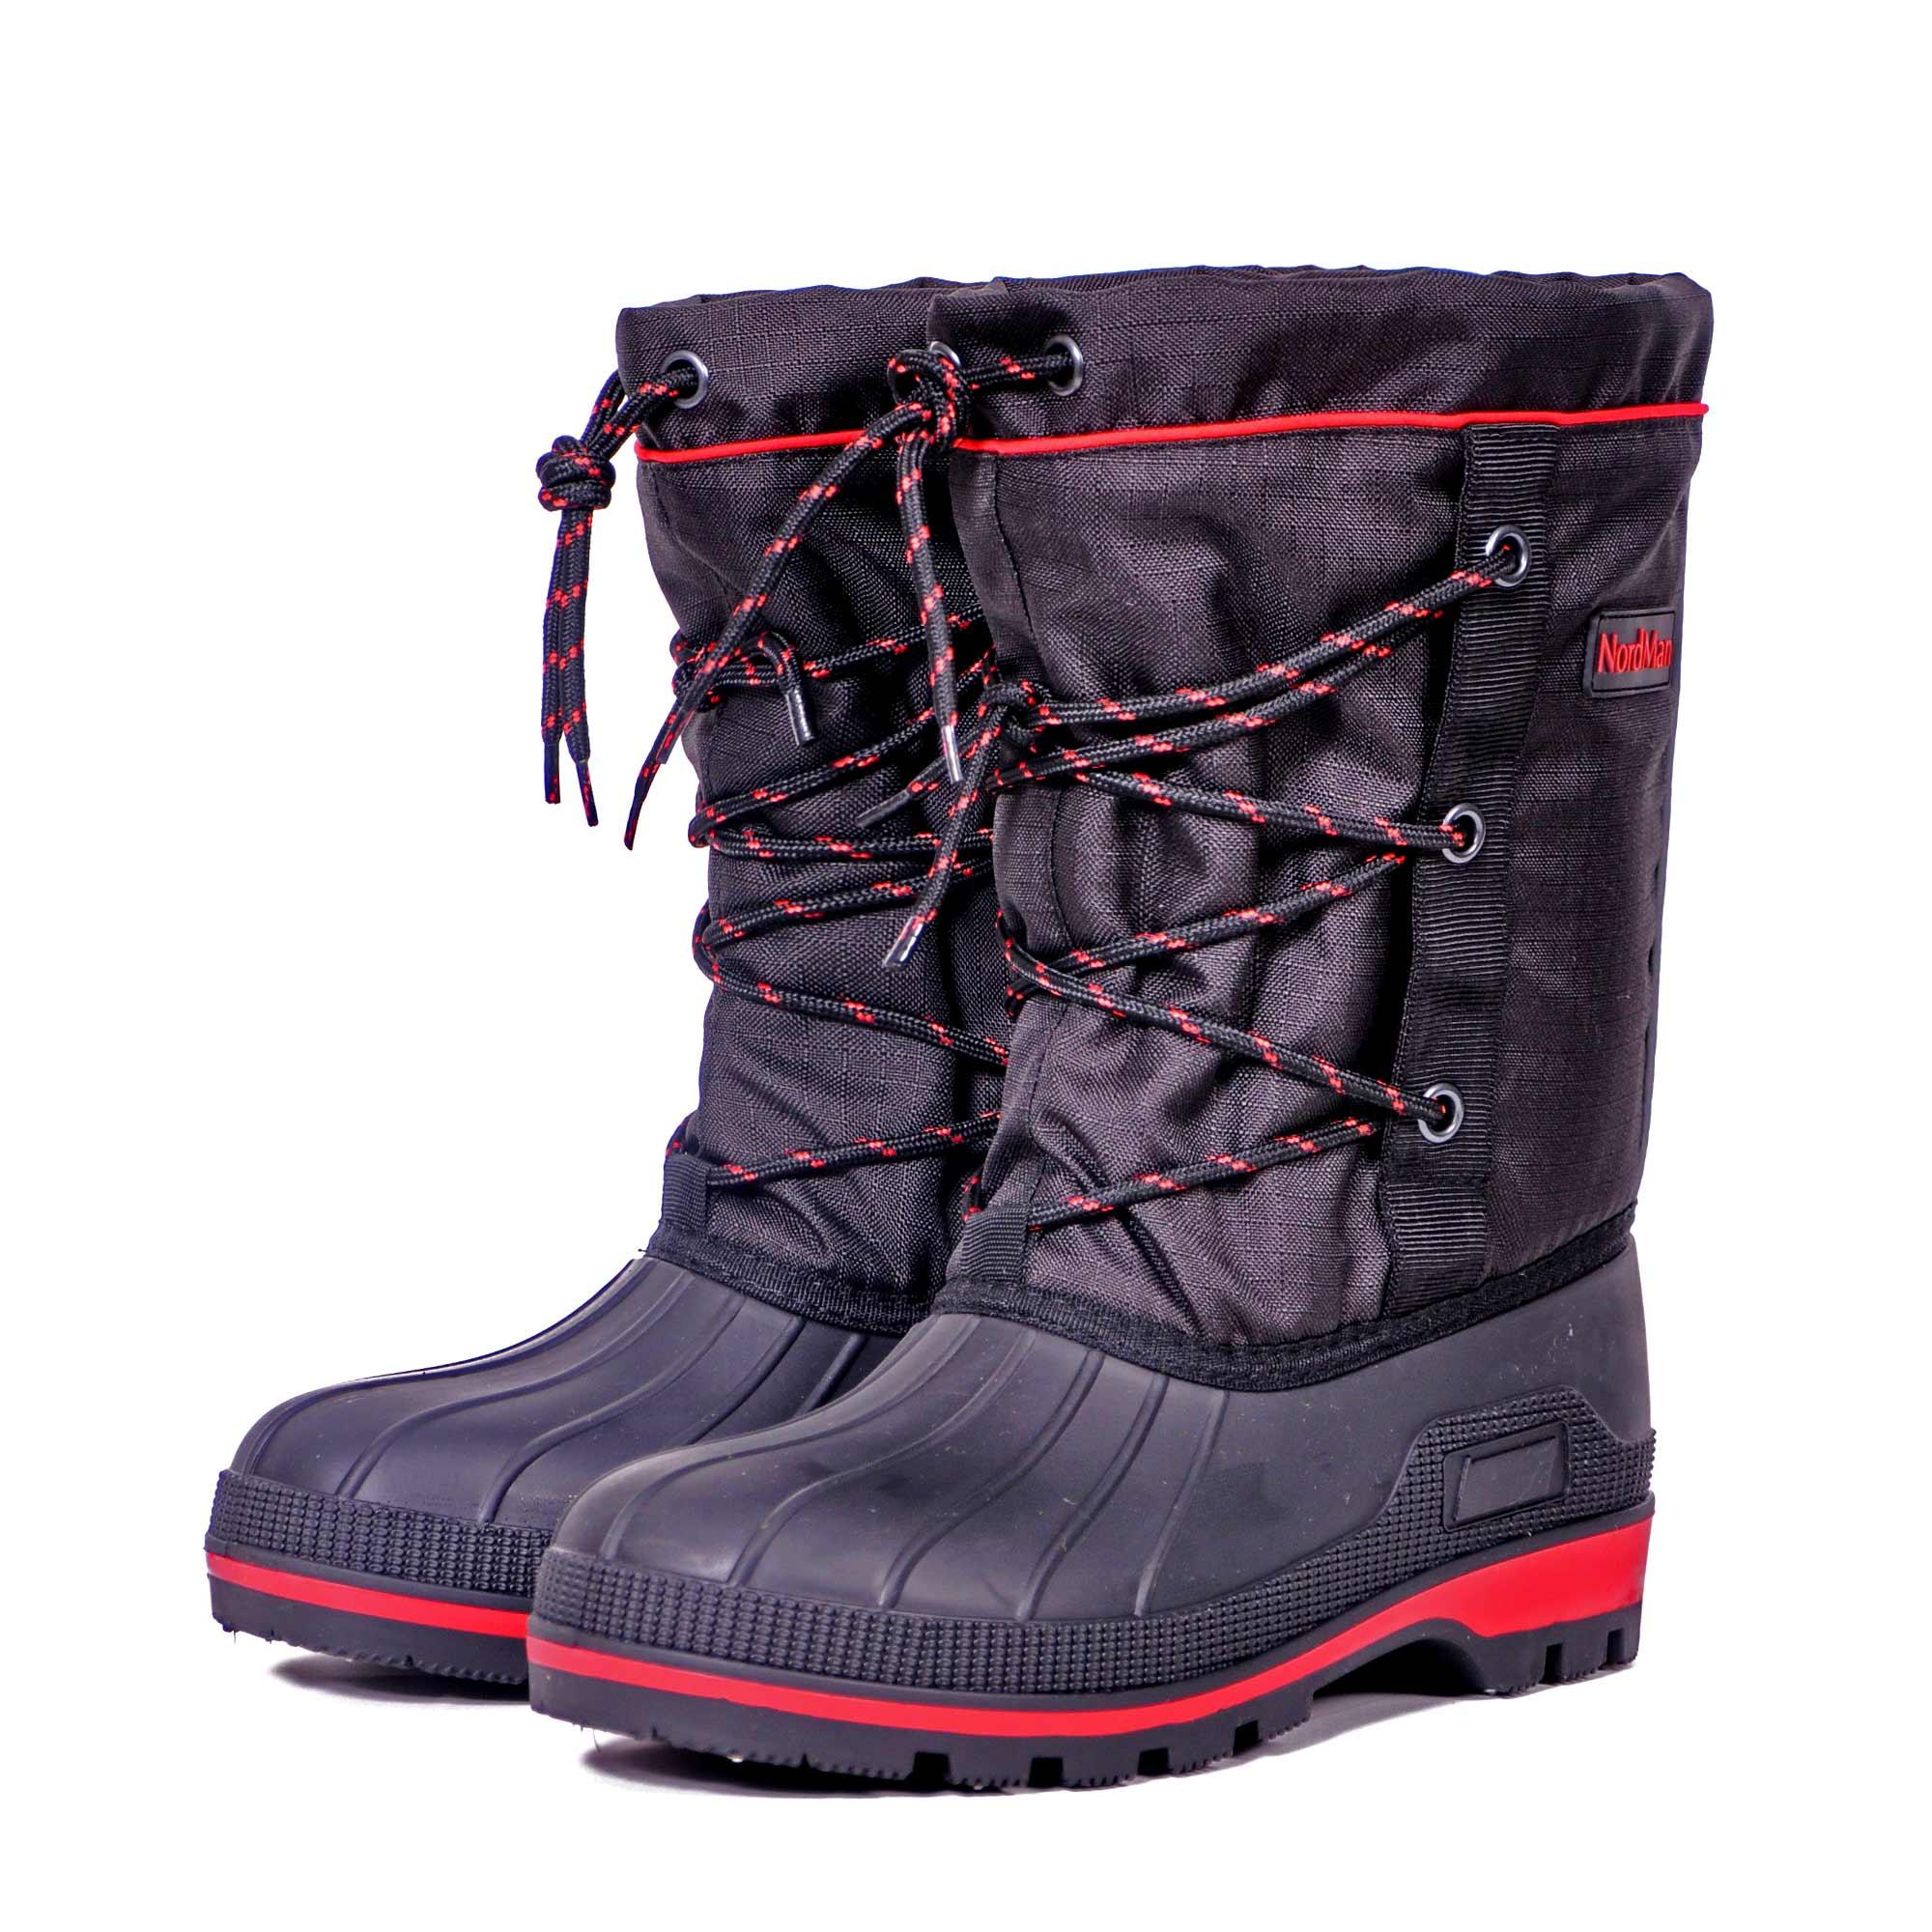 Бахилы для охоты Nordman New Red, на шнуровке, черные, 42 RU